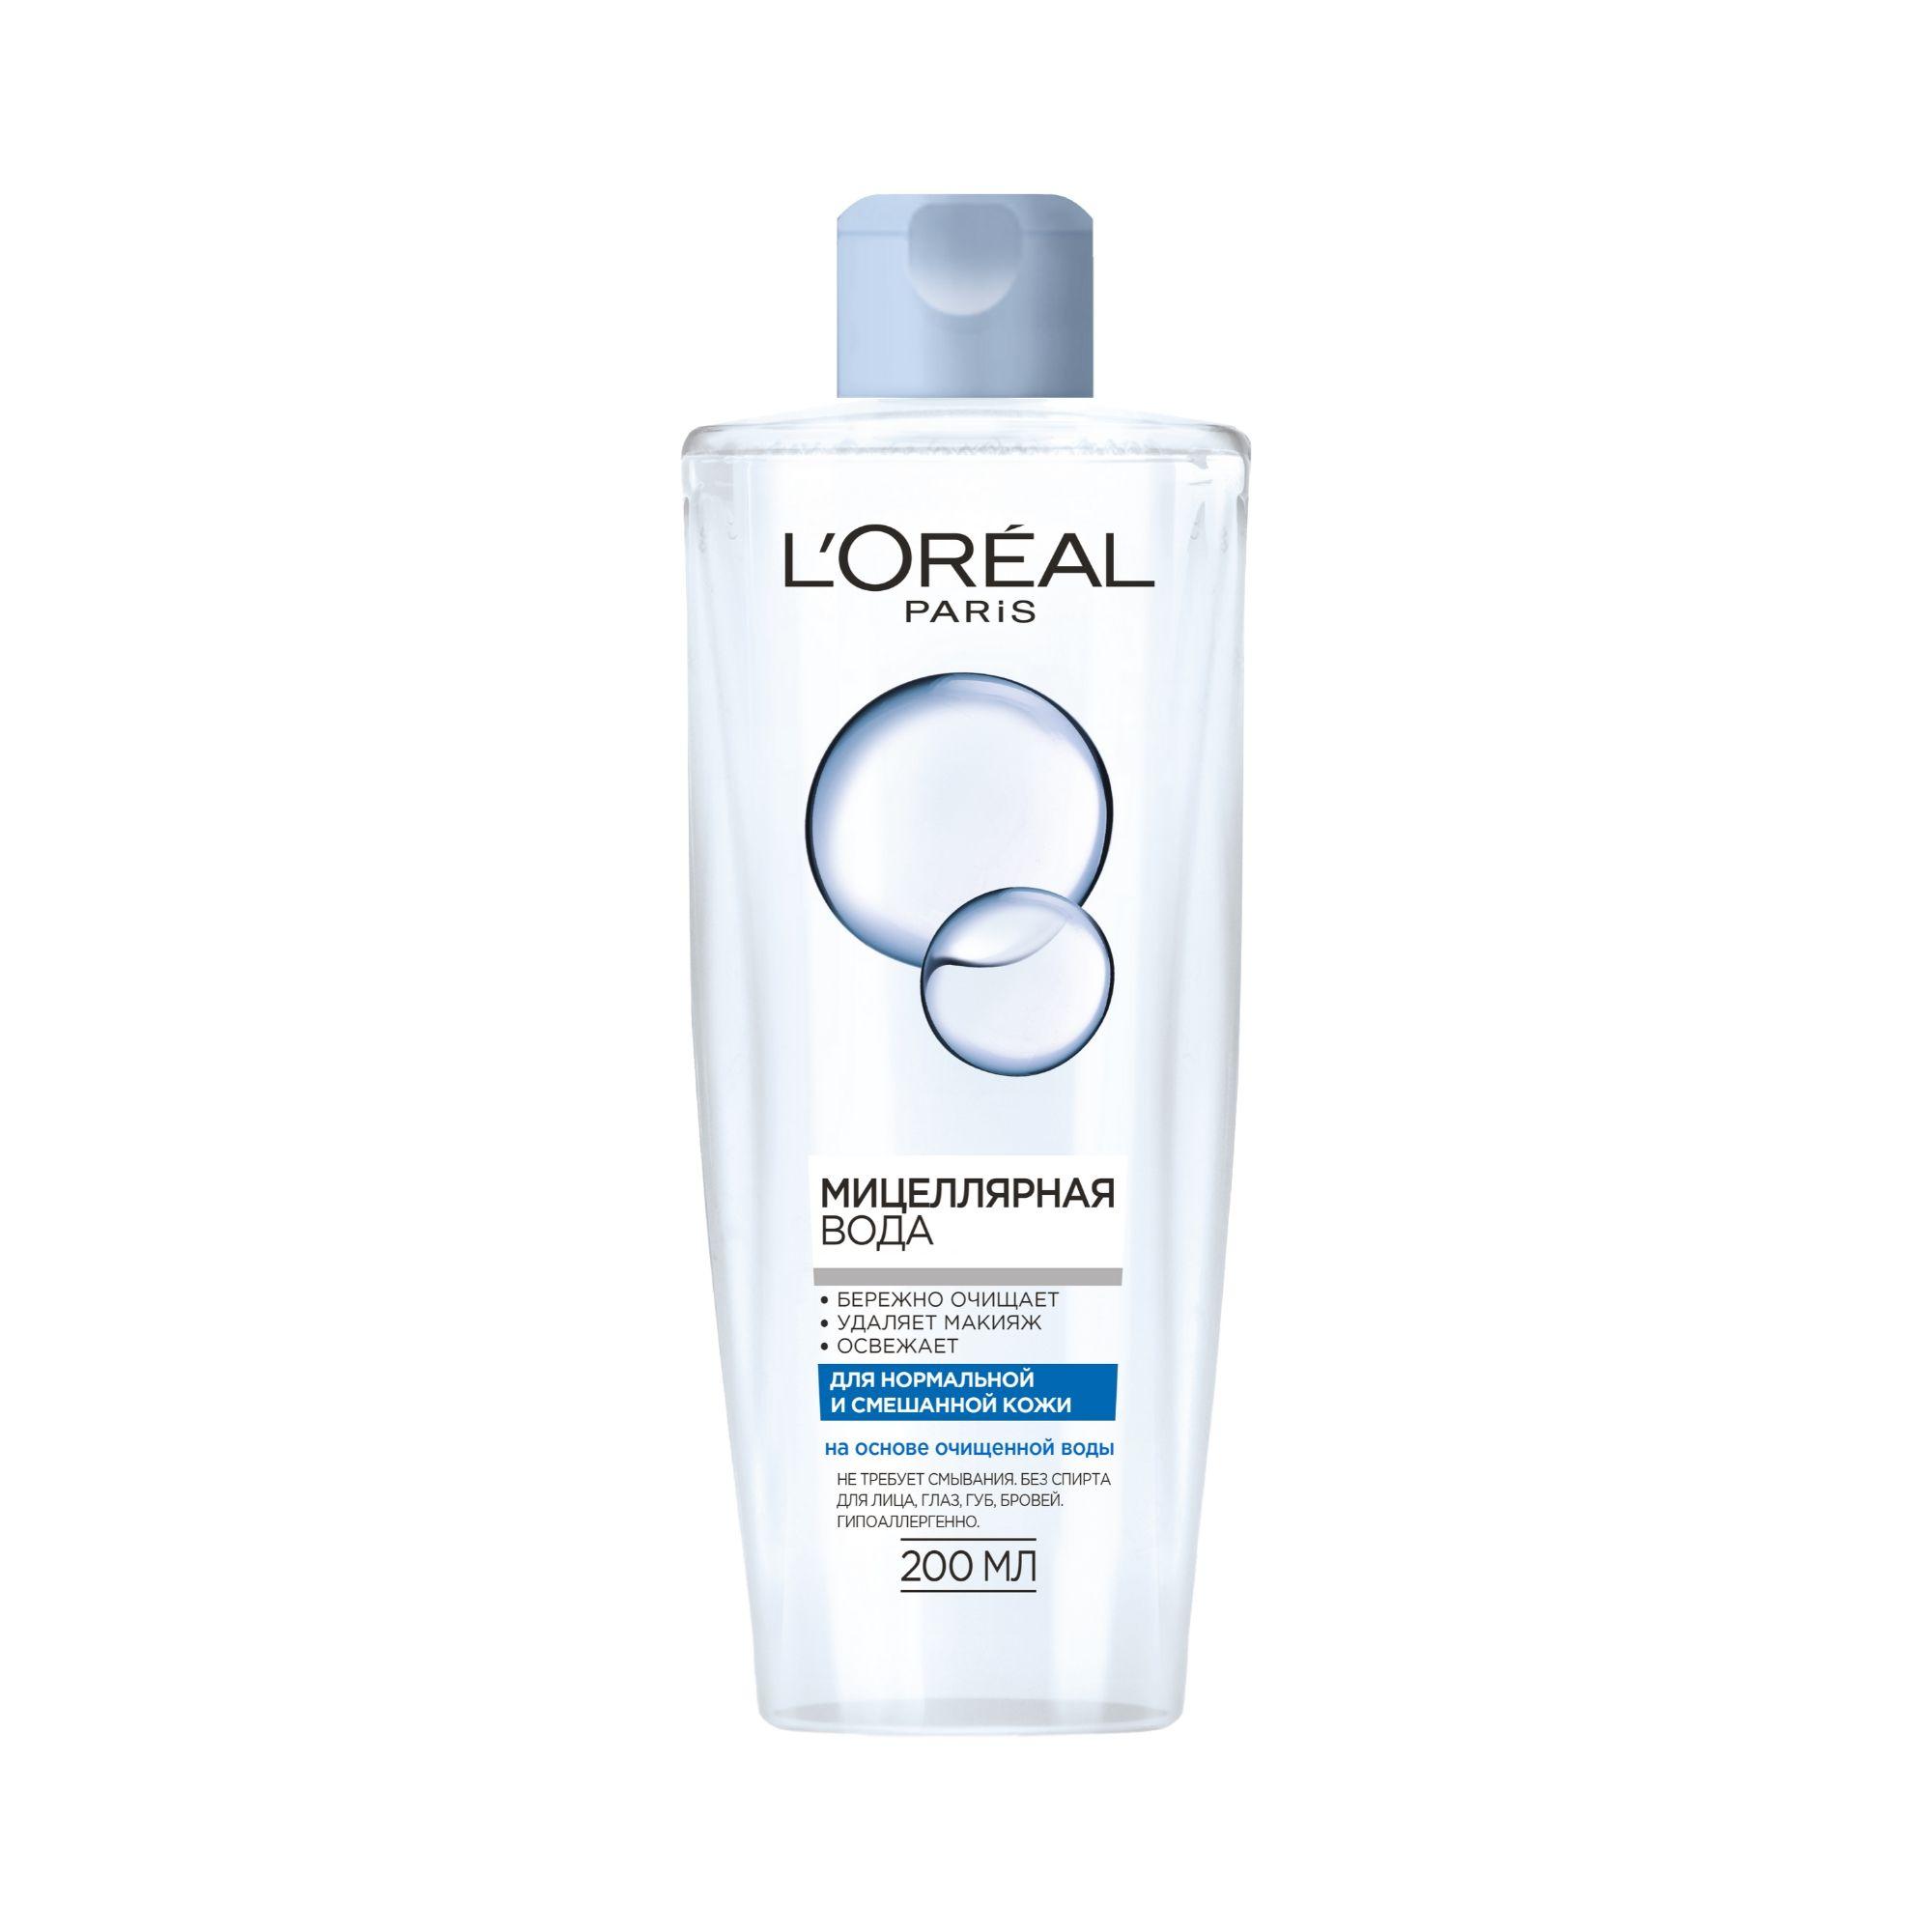 Вода мицеллярная L'oreal для нормальной и смешанной кожи 200 мл фото